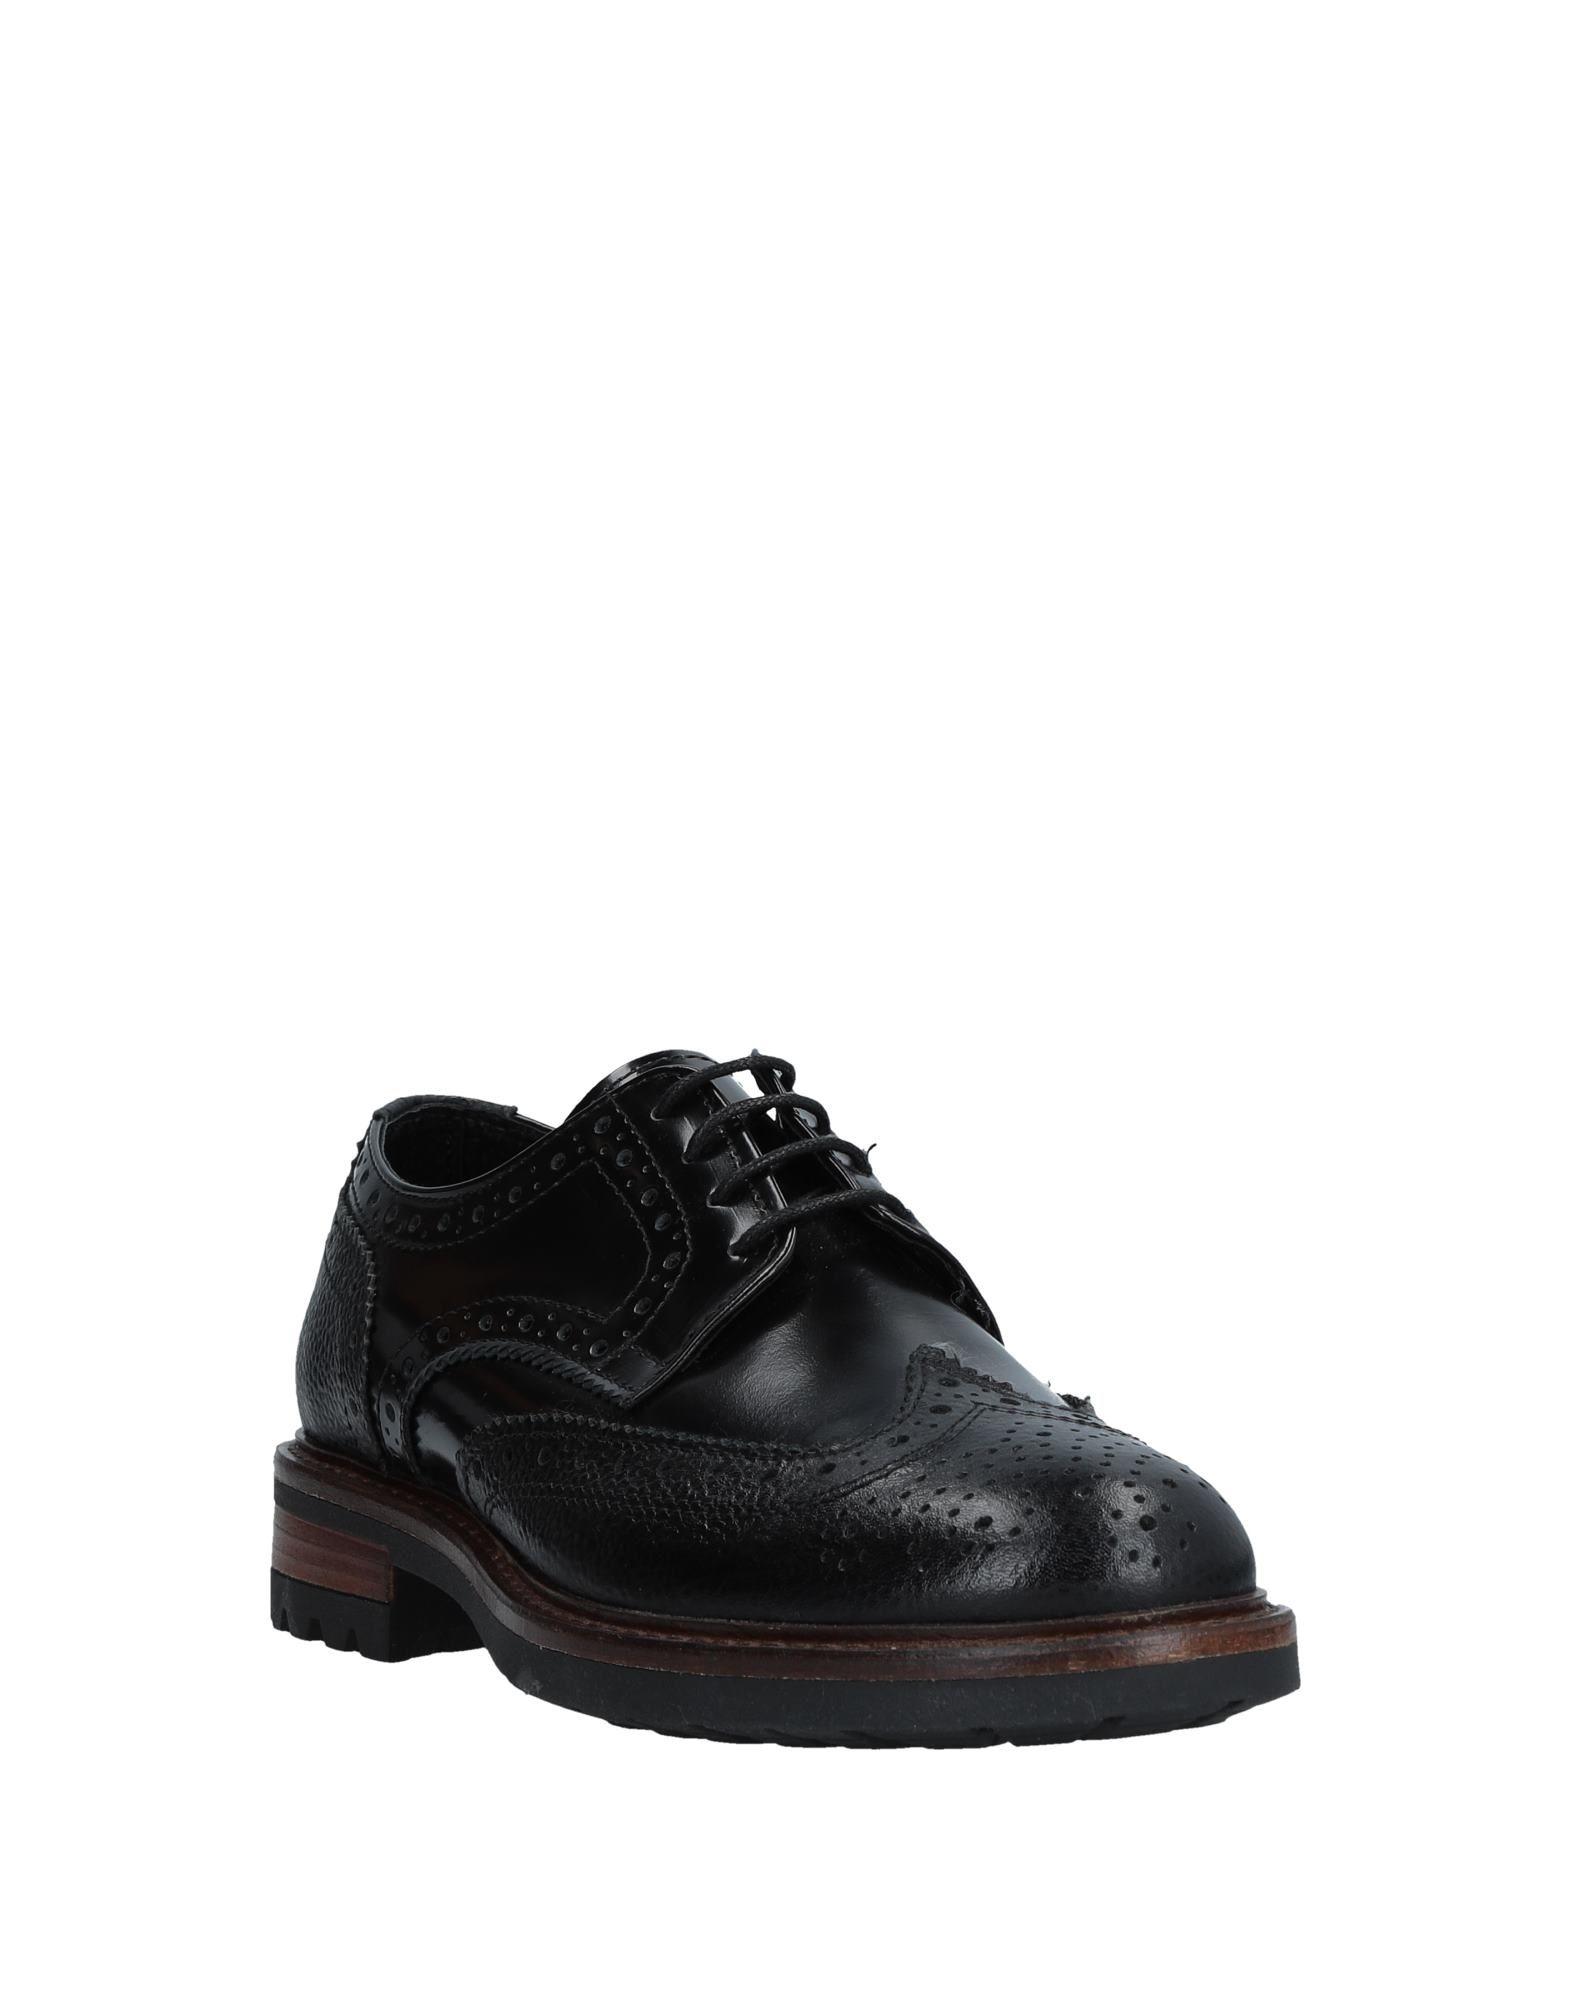 Rabatt echte Schuhe At.P.Co Schnürschuhe 11251859FX Herren  11251859FX Schnürschuhe 9a7677